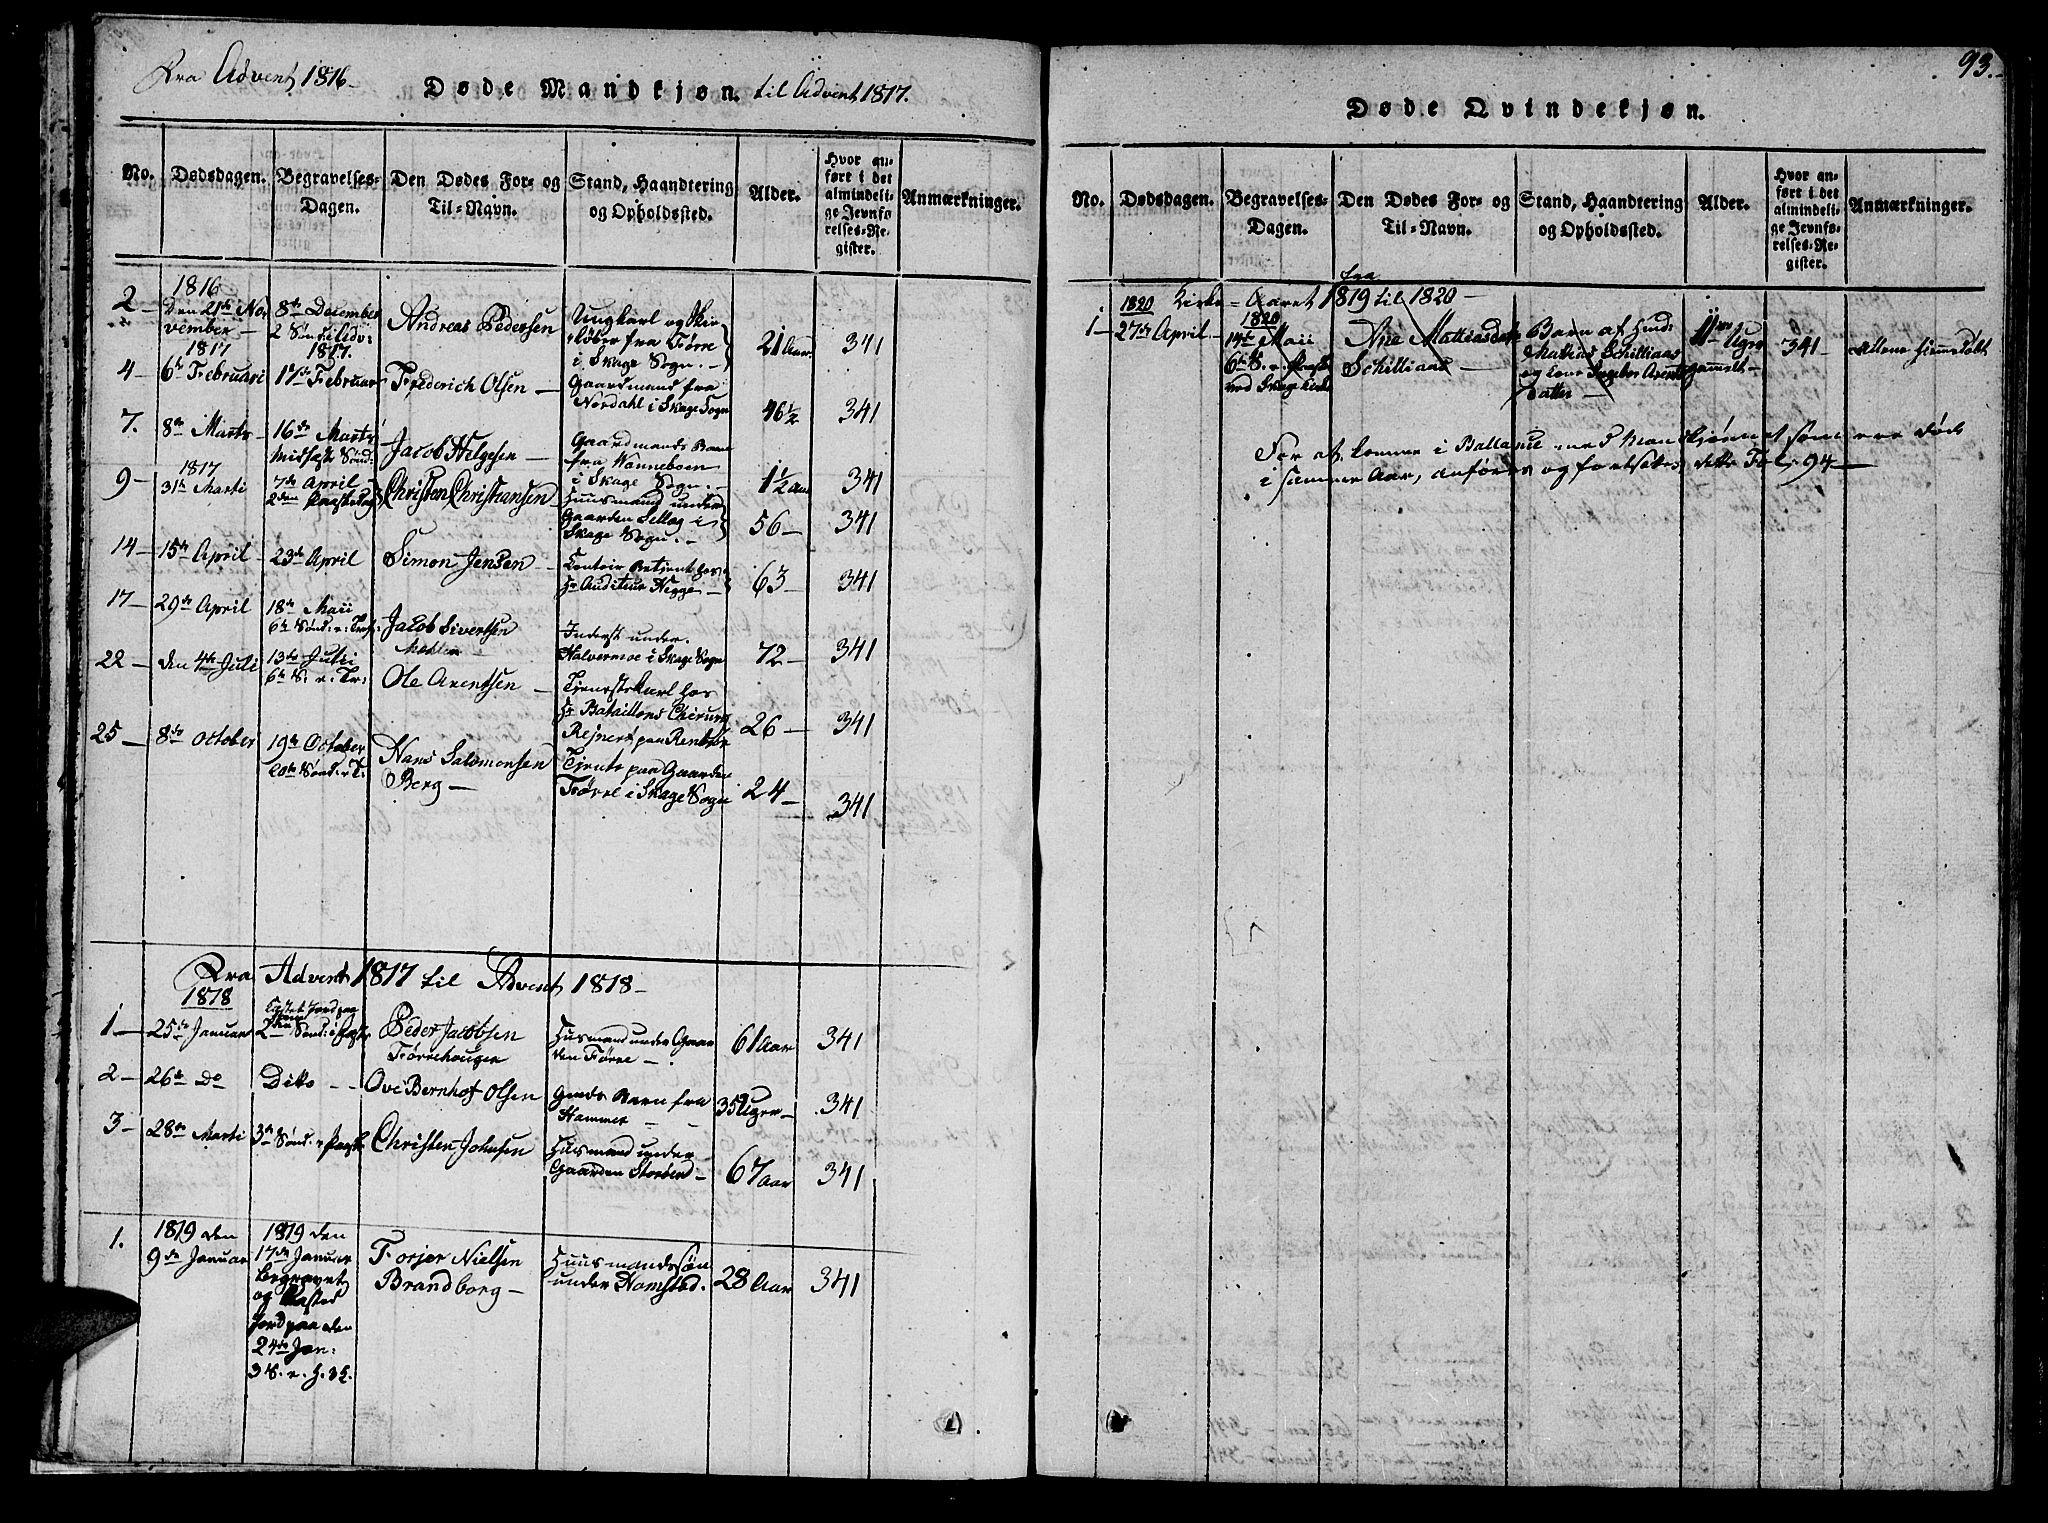 SAT, Ministerialprotokoller, klokkerbøker og fødselsregistre - Nord-Trøndelag, 766/L0565: Klokkerbok nr. 767C01, 1817-1823, s. 93